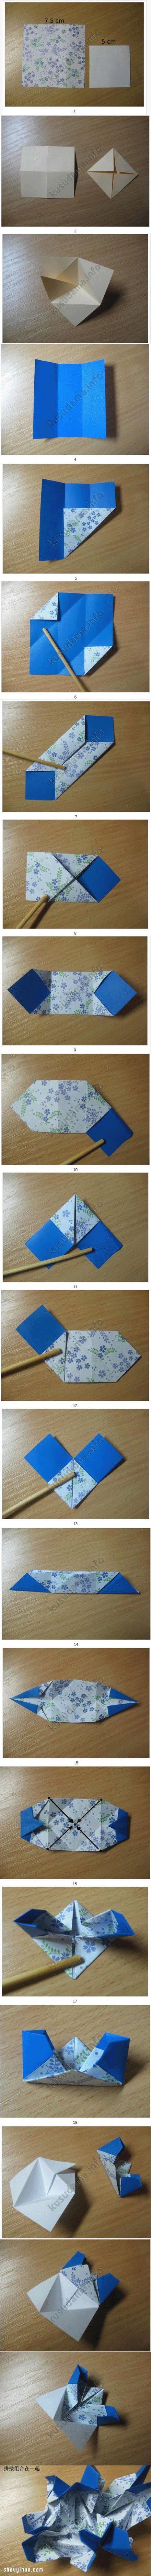 櫻草花球的折法圖解 手工摺紙製作櫻草花球